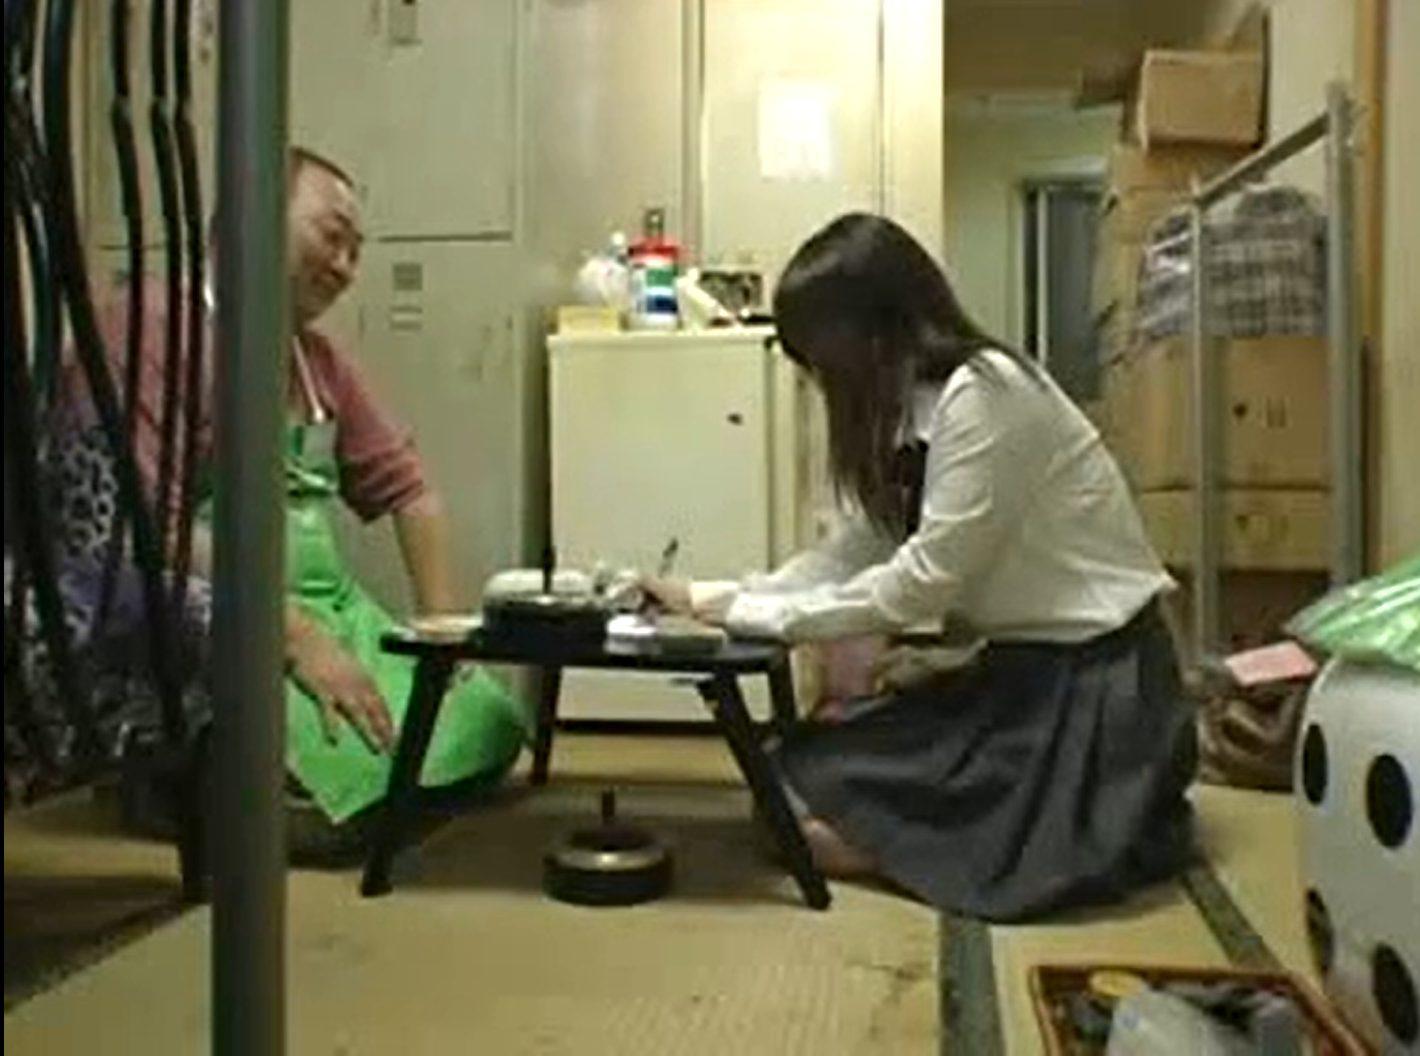 【※JKレイプ※】お嬢様学校のJKが万引き!ハゲ店主に脅され逃げられず生ハメの餌食に…!